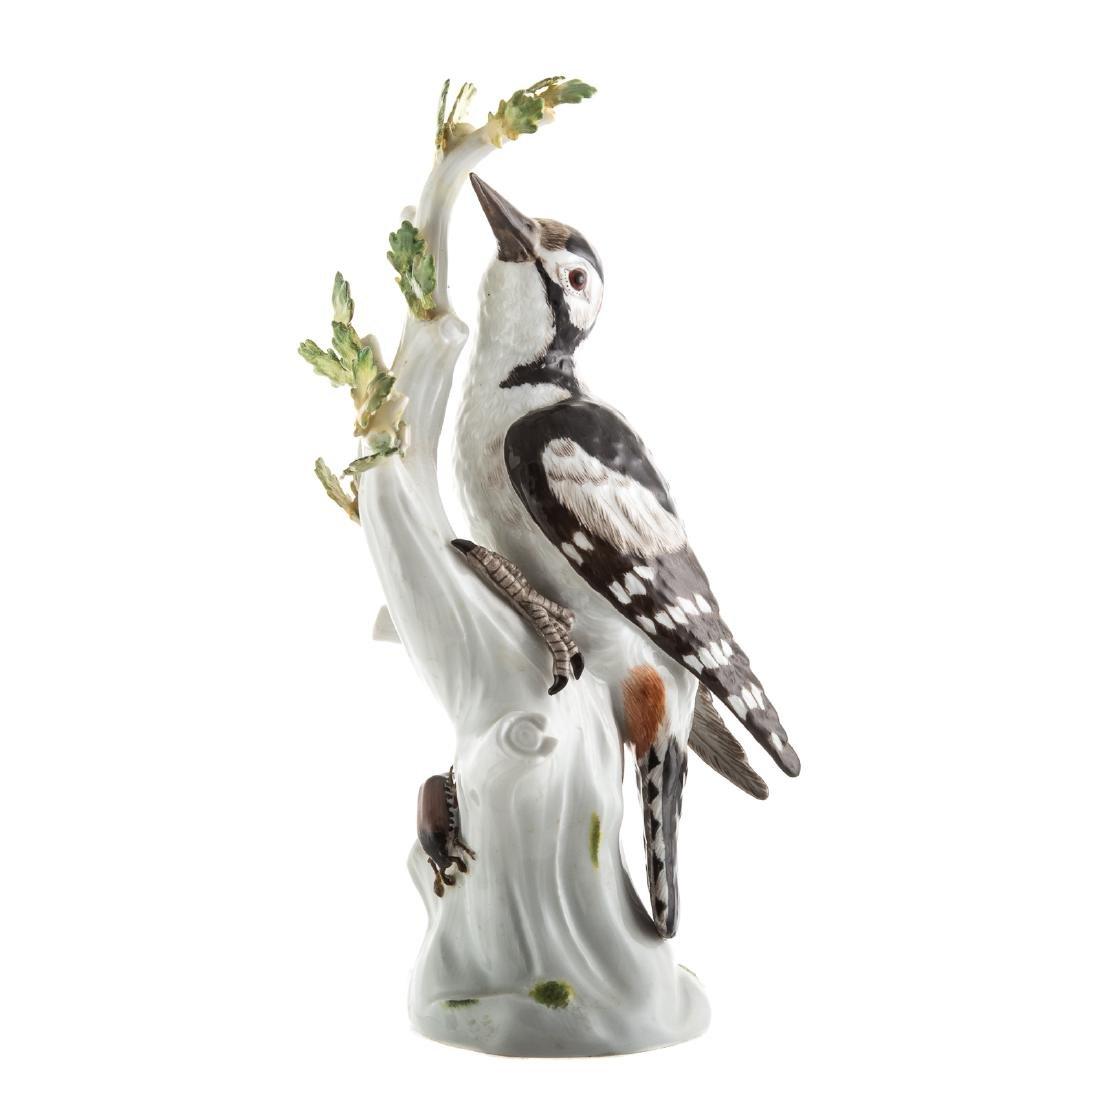 Meissen porcelain pileated woodpecker